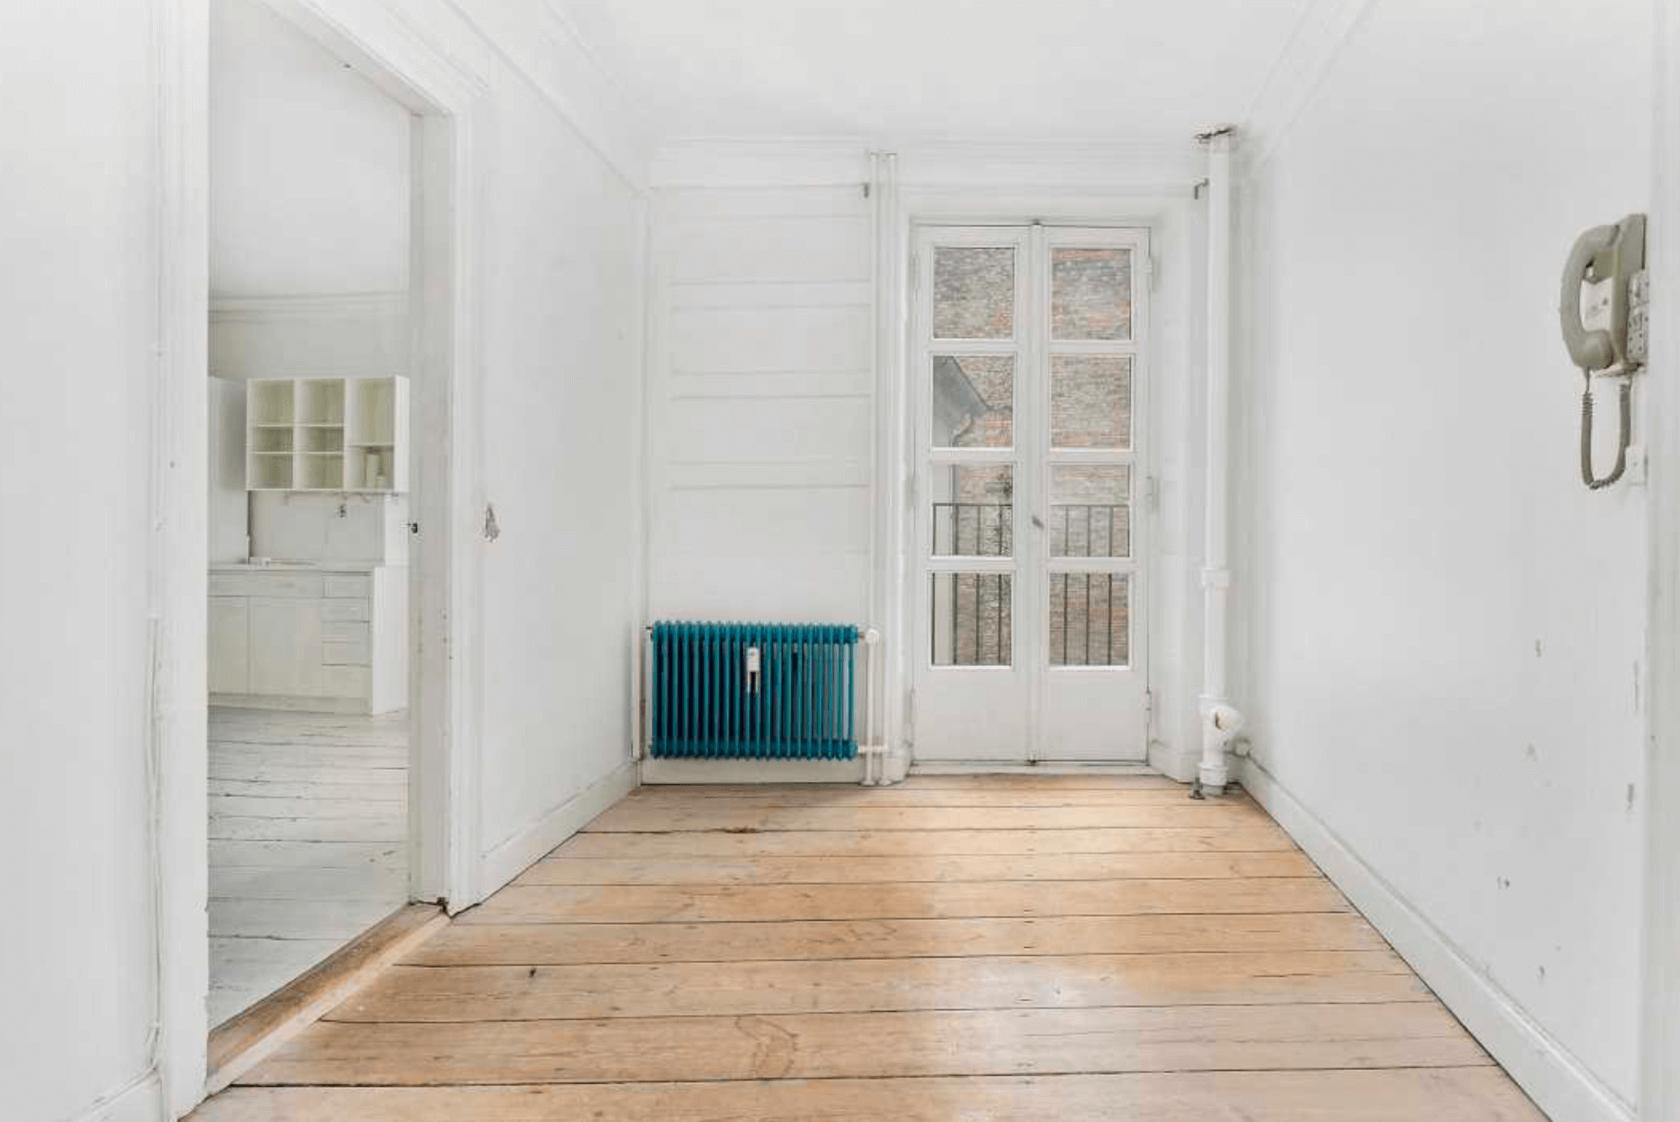 renovering af fredet ejendom Fiolstræde kontor før